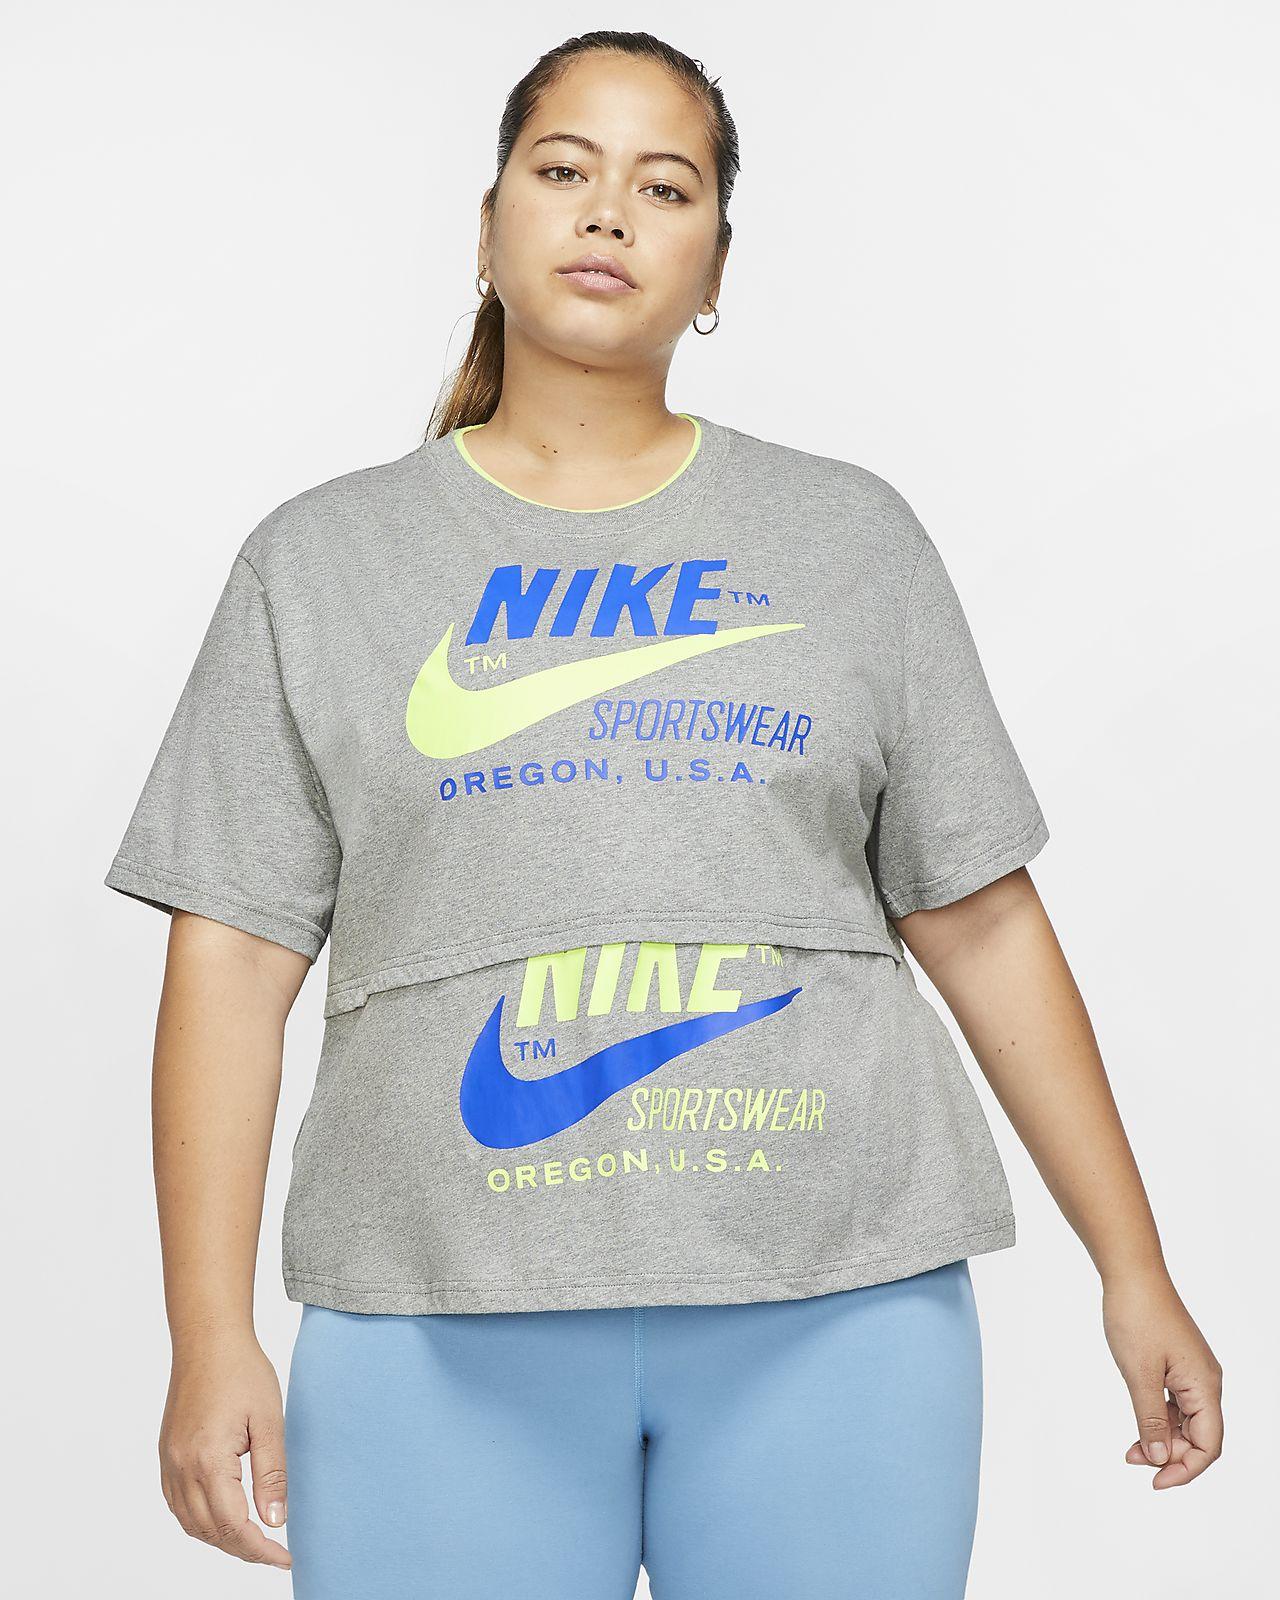 nike sportswear tm